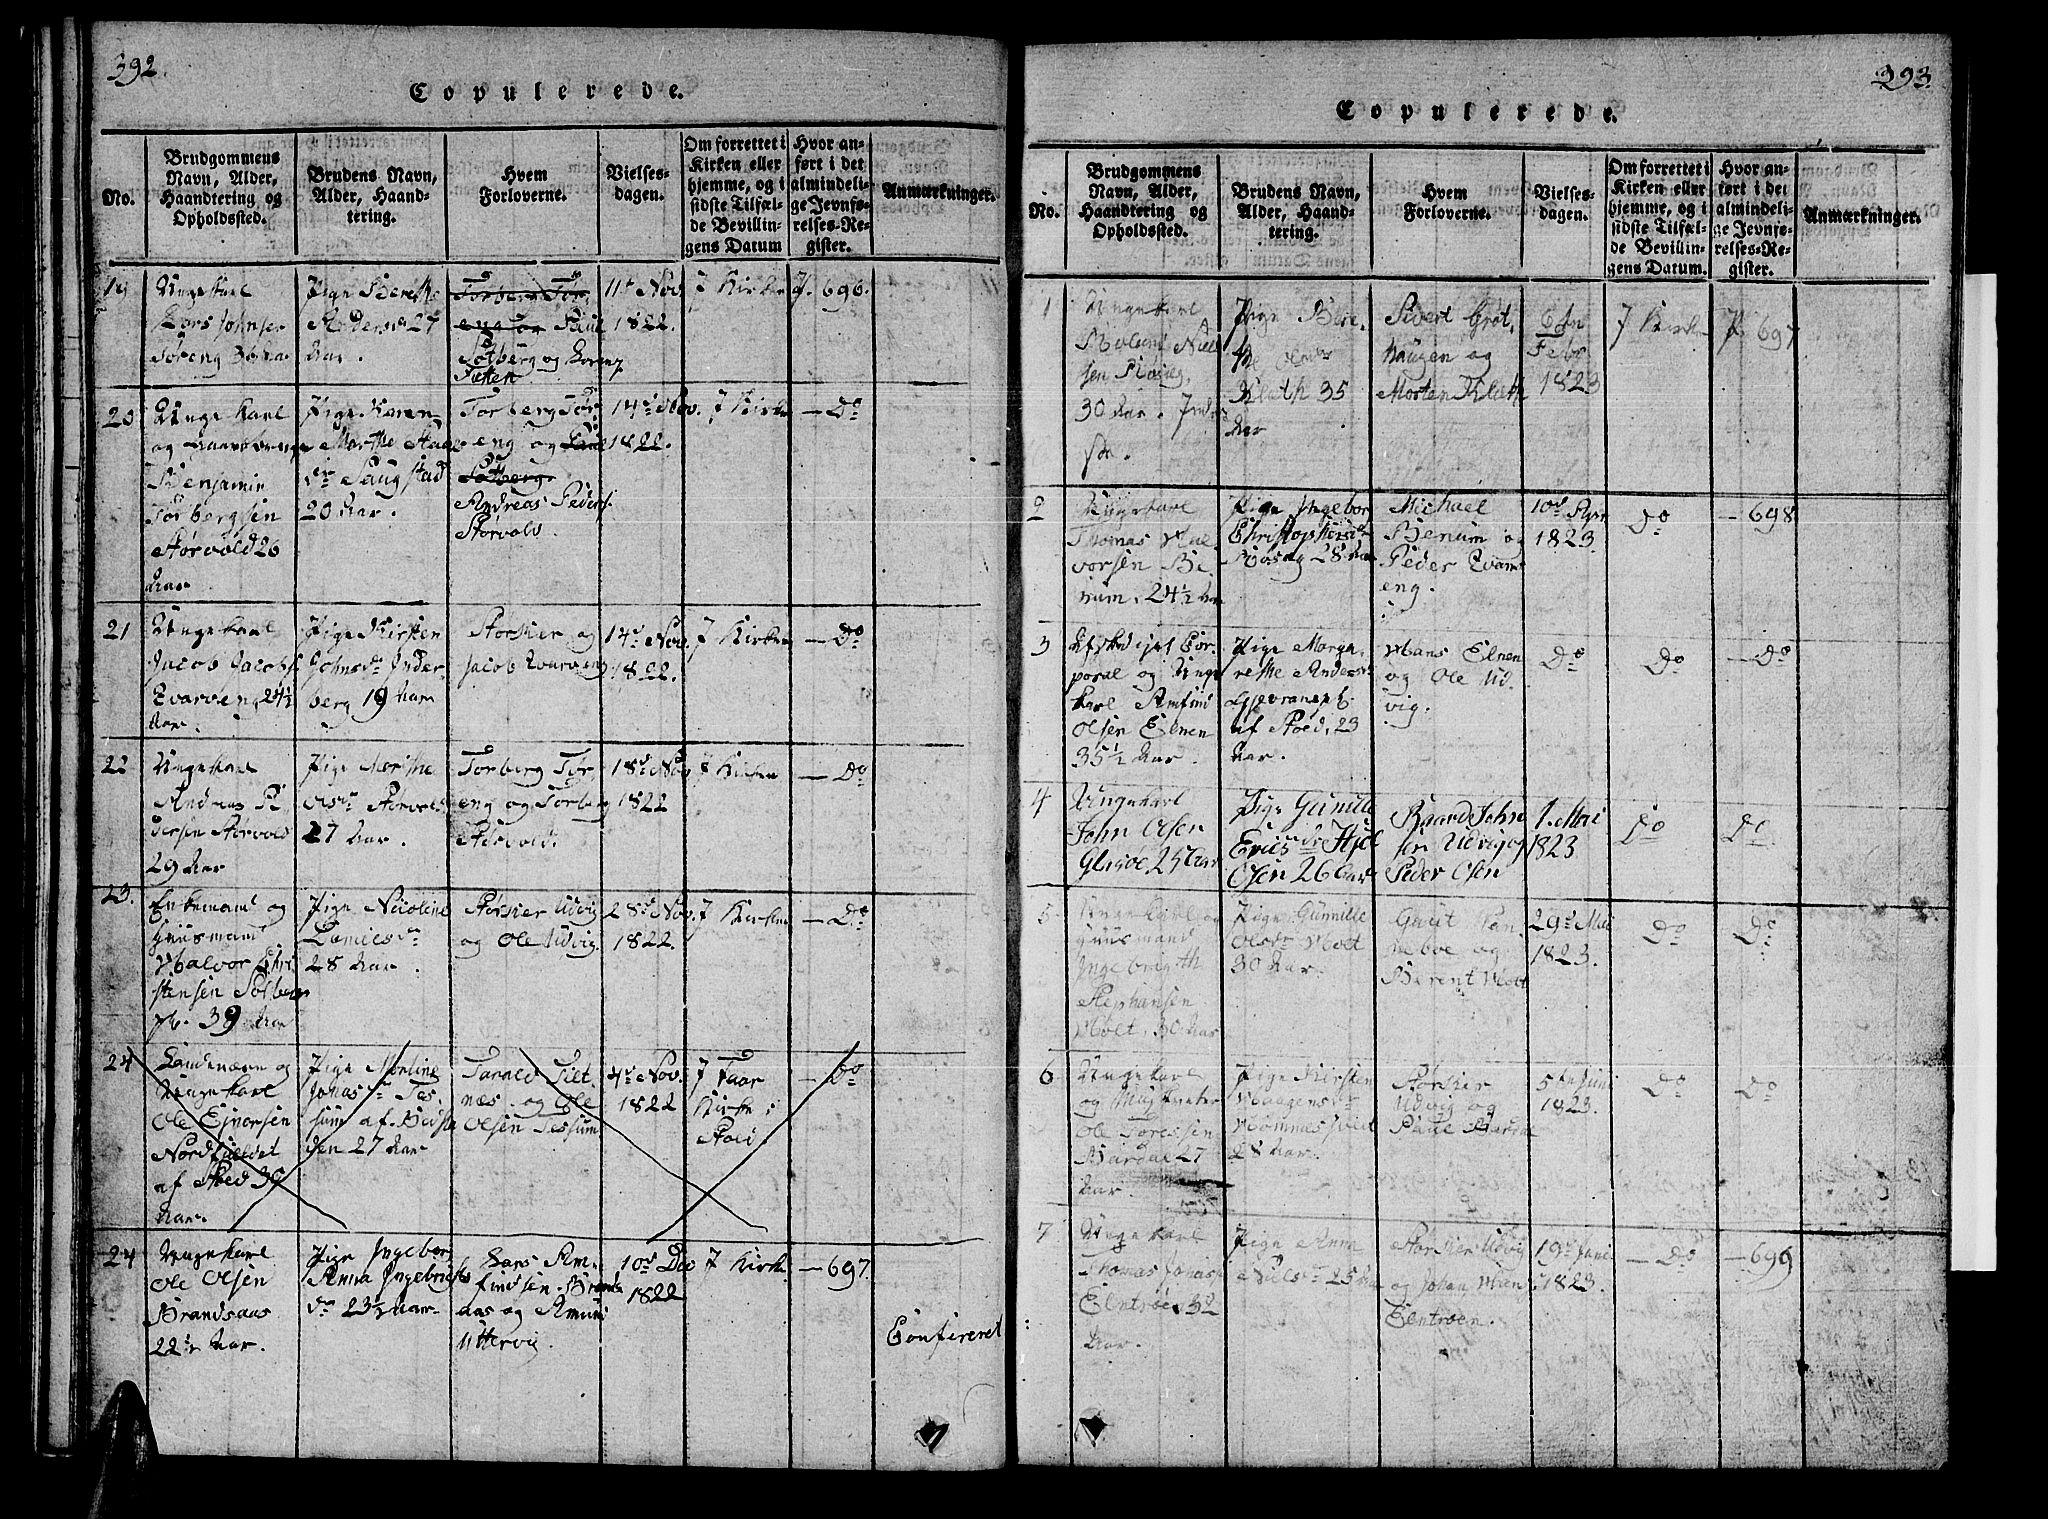 SAT, Ministerialprotokoller, klokkerbøker og fødselsregistre - Nord-Trøndelag, 741/L0400: Klokkerbok nr. 741C01, 1817-1825, s. 392-393